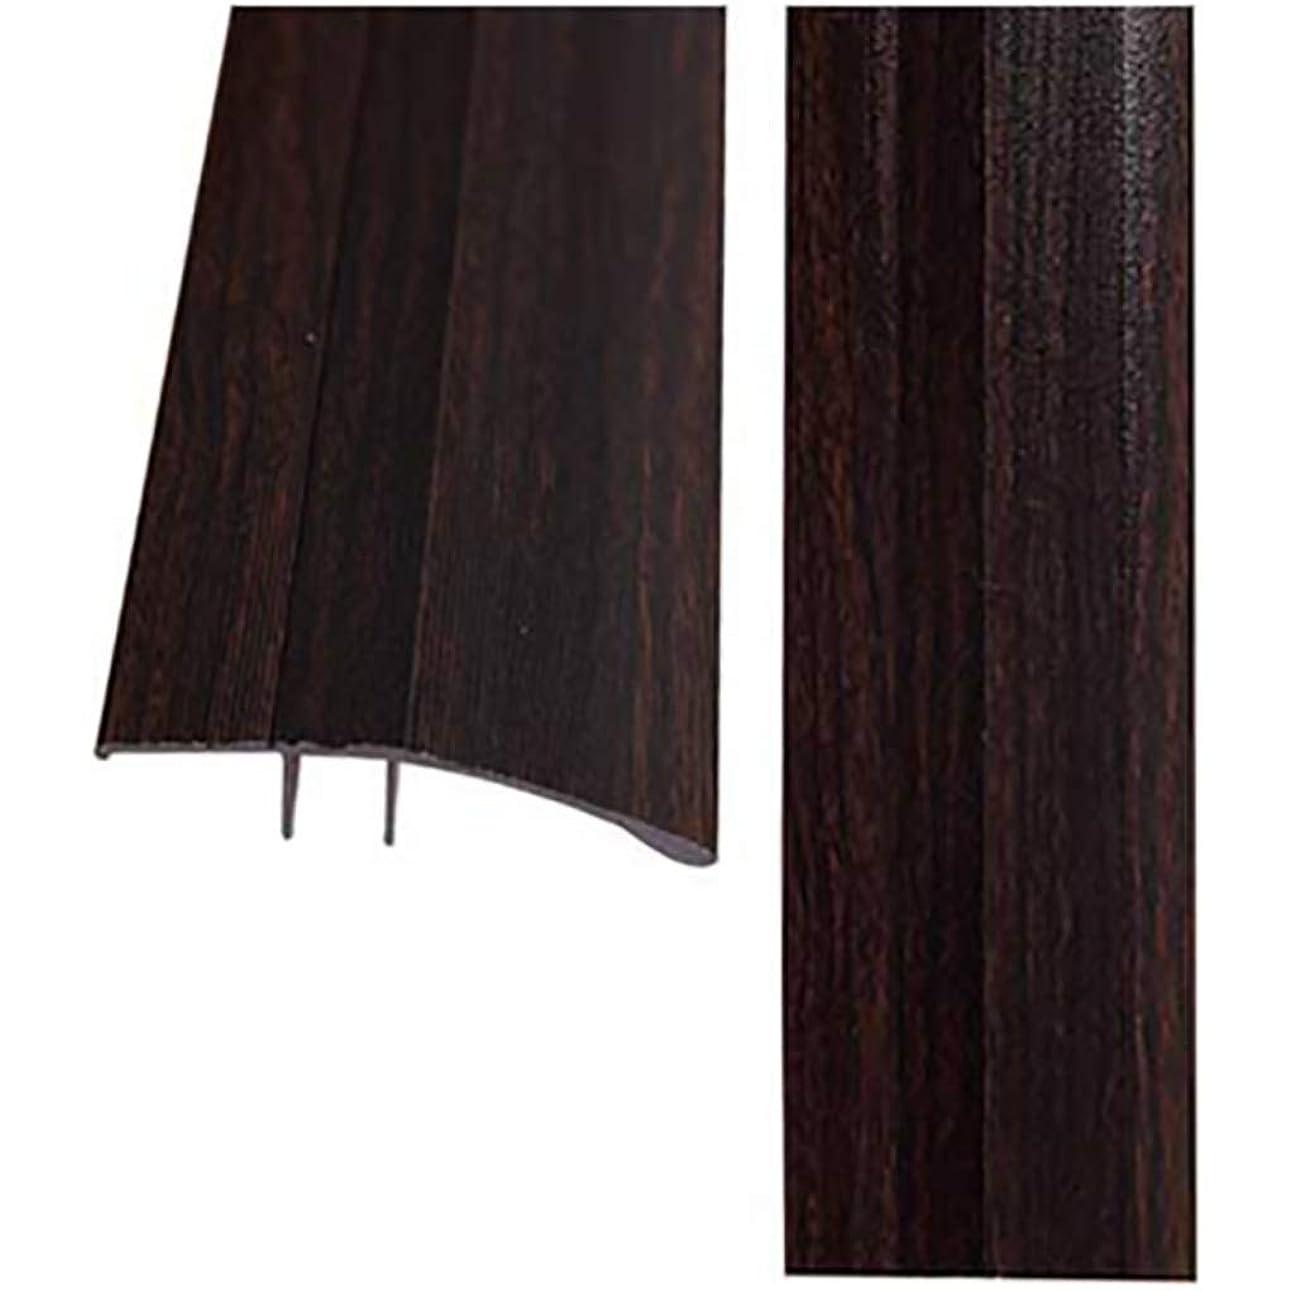 魅力鋭く強制的しきい値ストリップ しきい値アルミニウム合金高低バックル斜辺セラミックタイル木製の床ドアストリップブランキングストリップ (色 : A7)